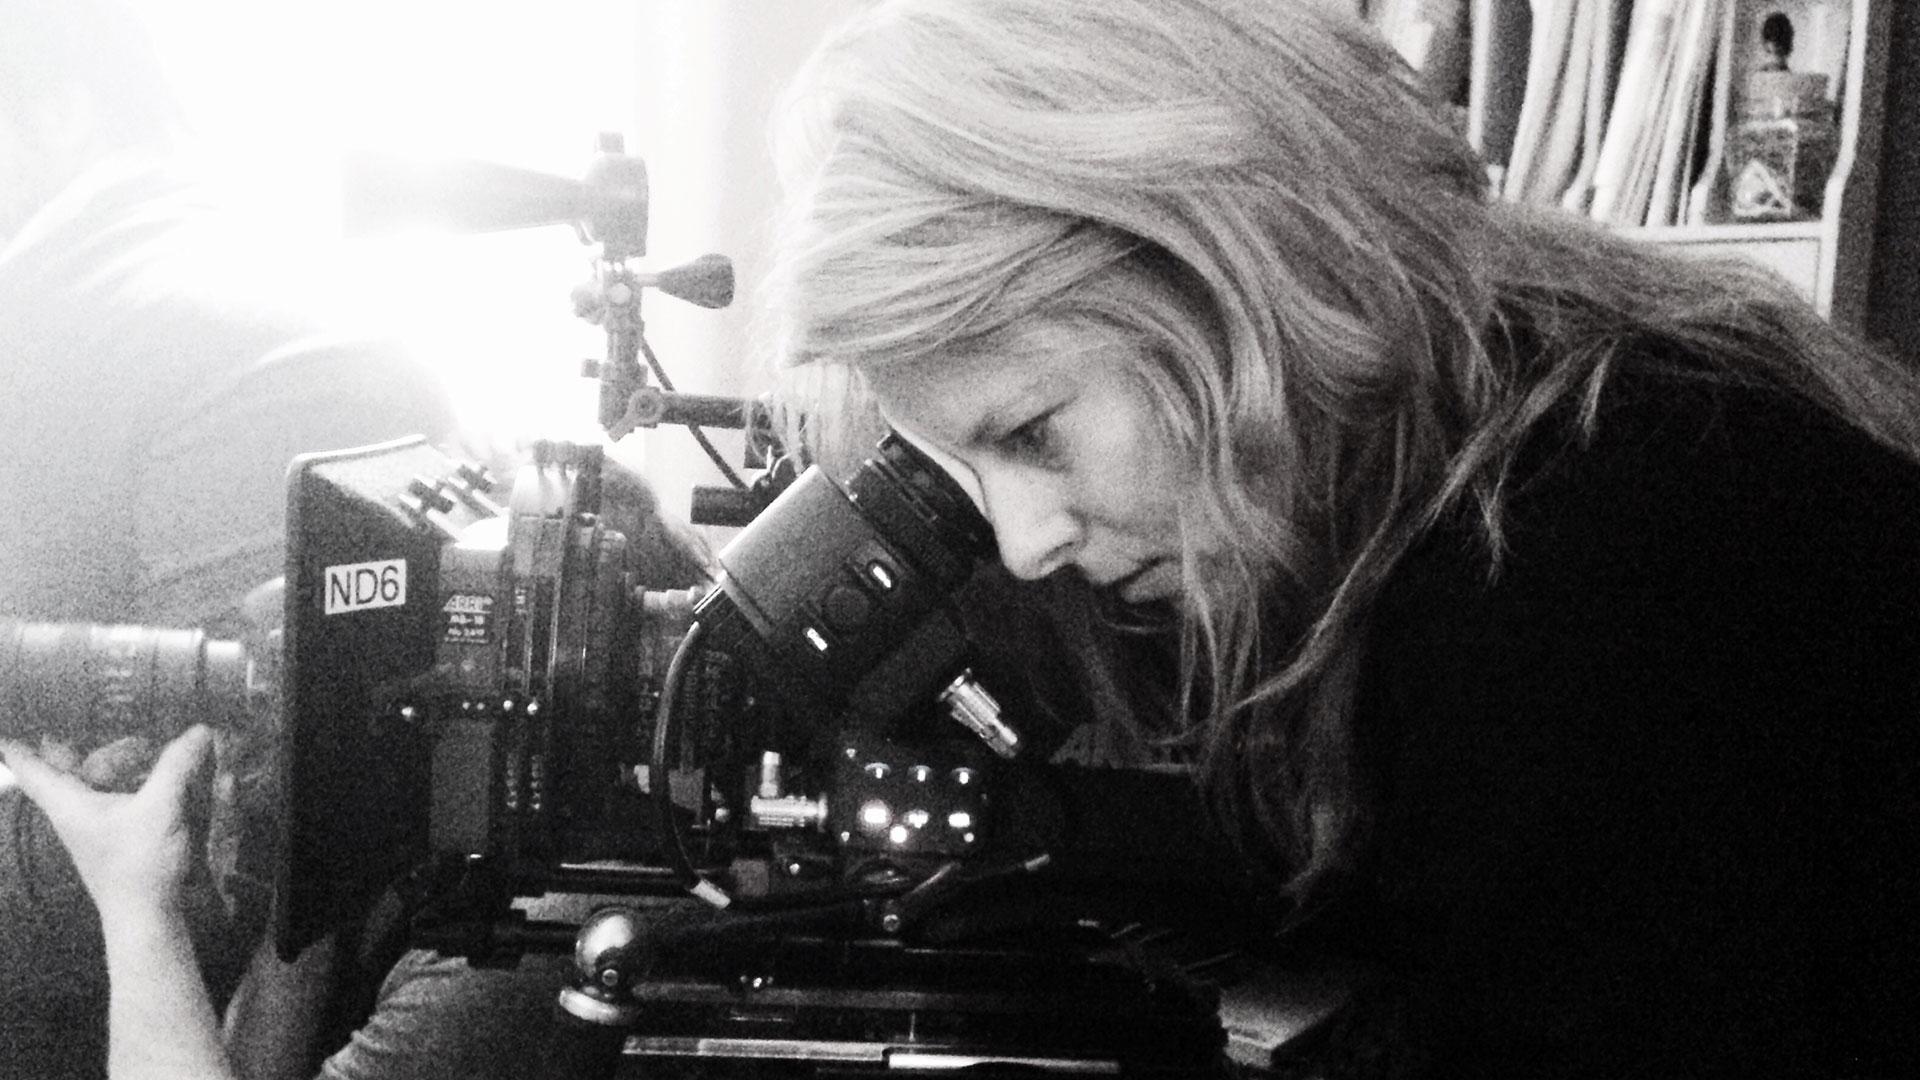 Cinéma numérique et direction de la photographie avancée